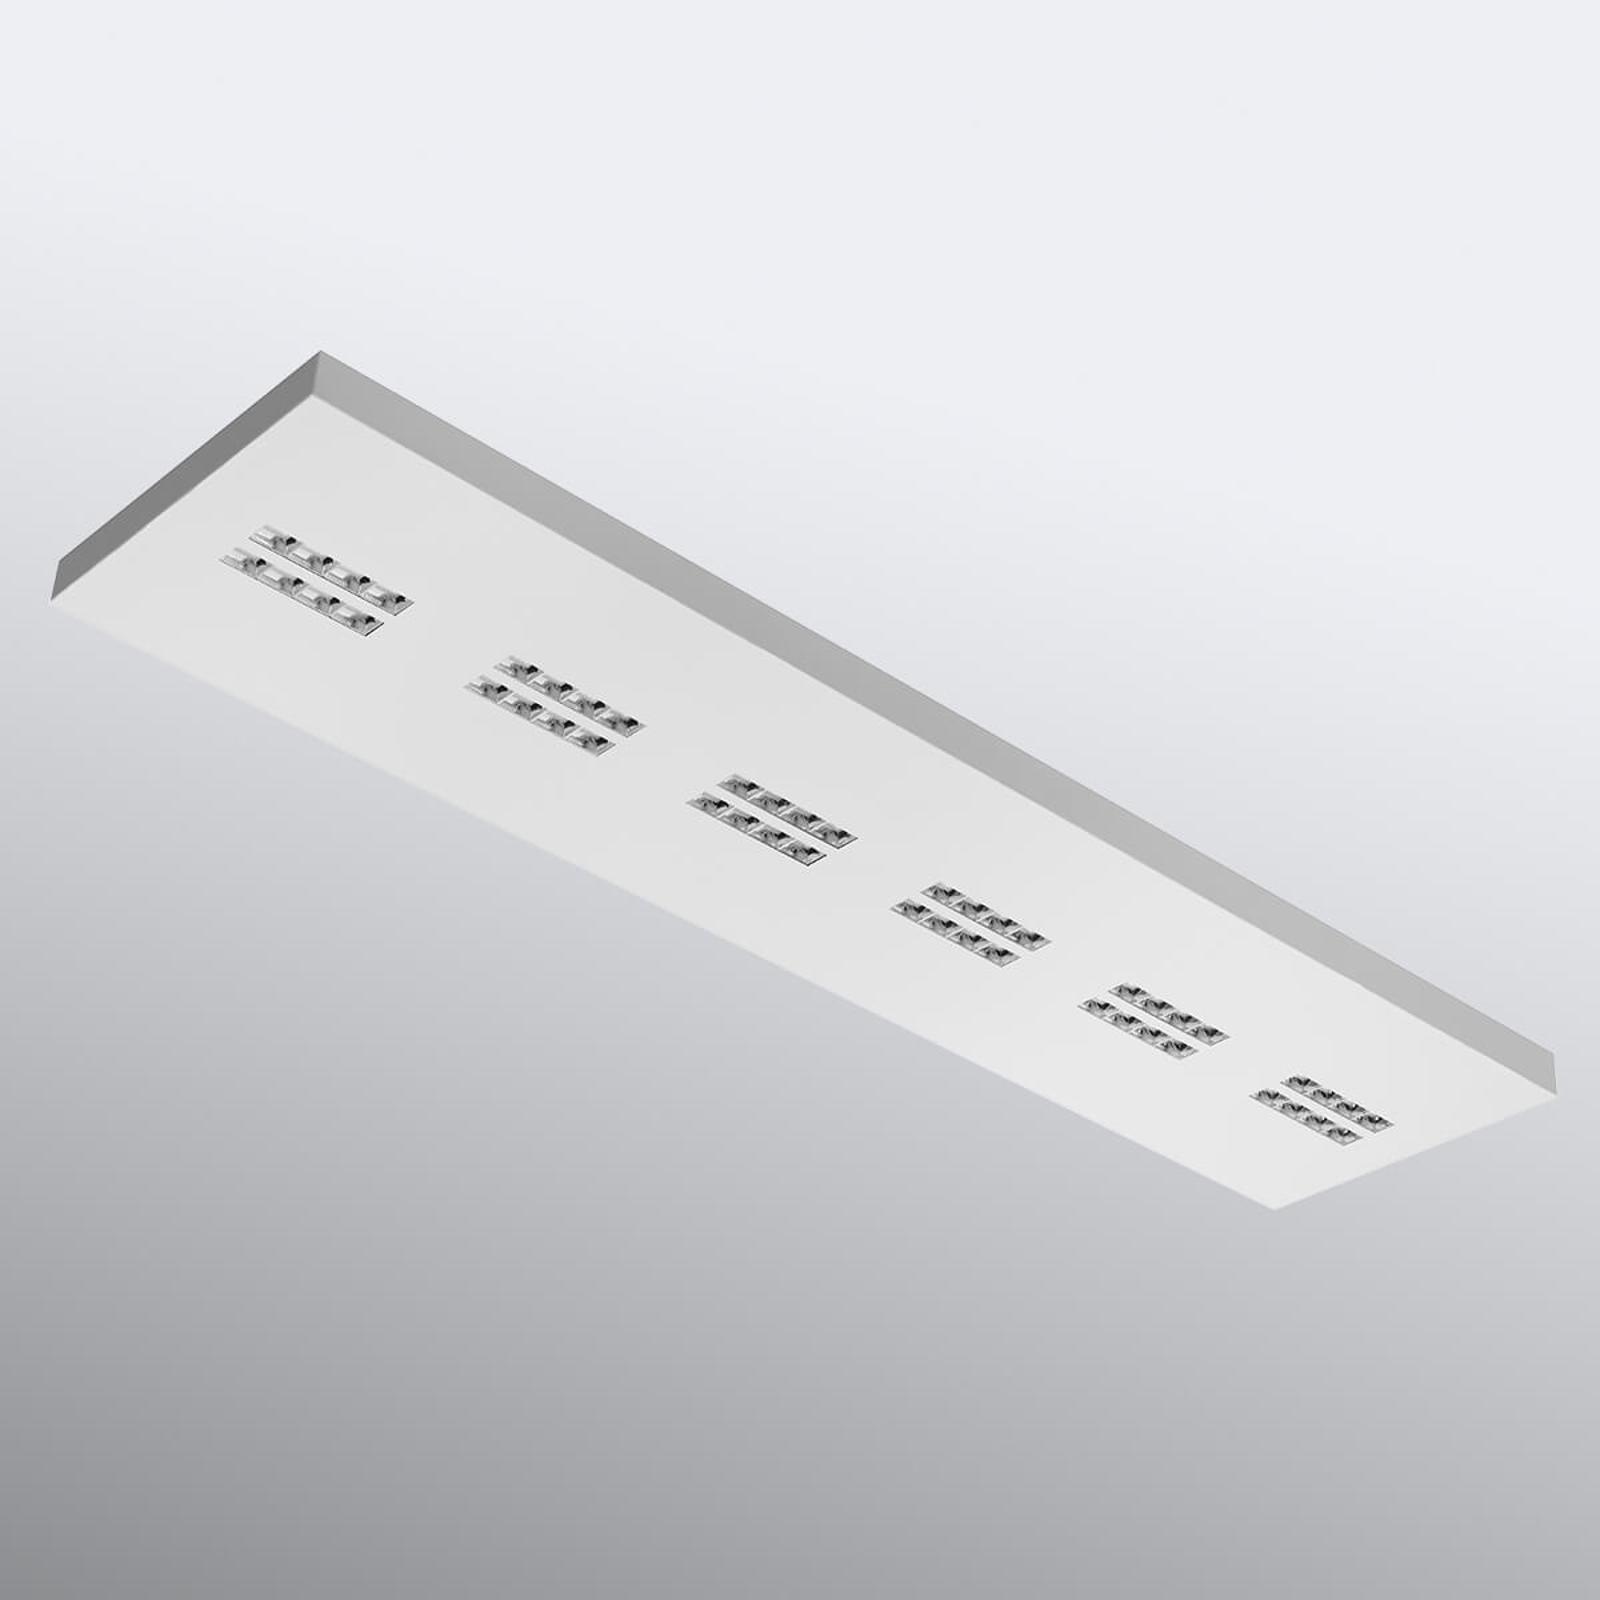 Rechteckige Deckenlampe Declan II SS4, 4.000 K